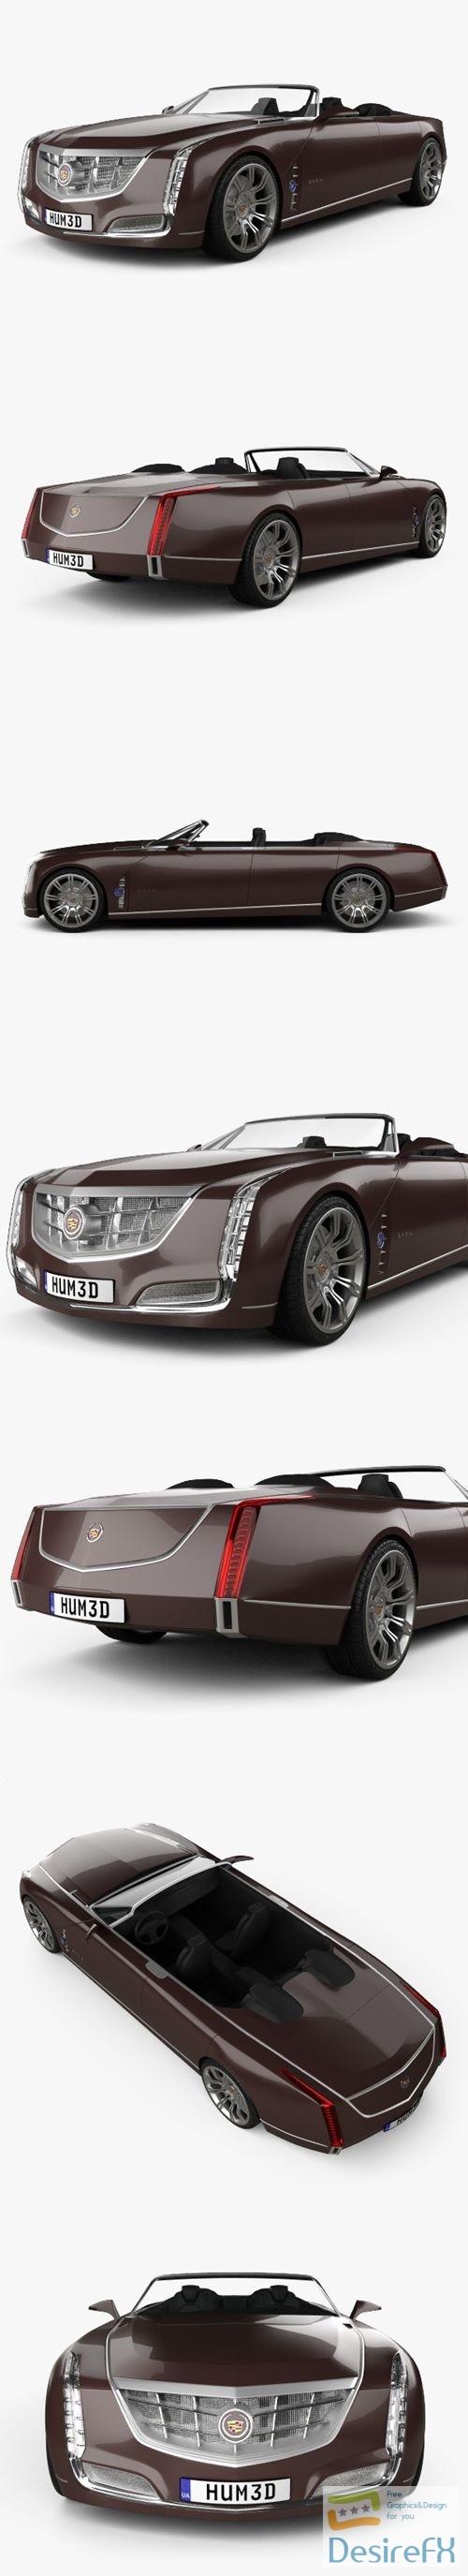 3d-models - Cadillac Ciel 2011 3D Model